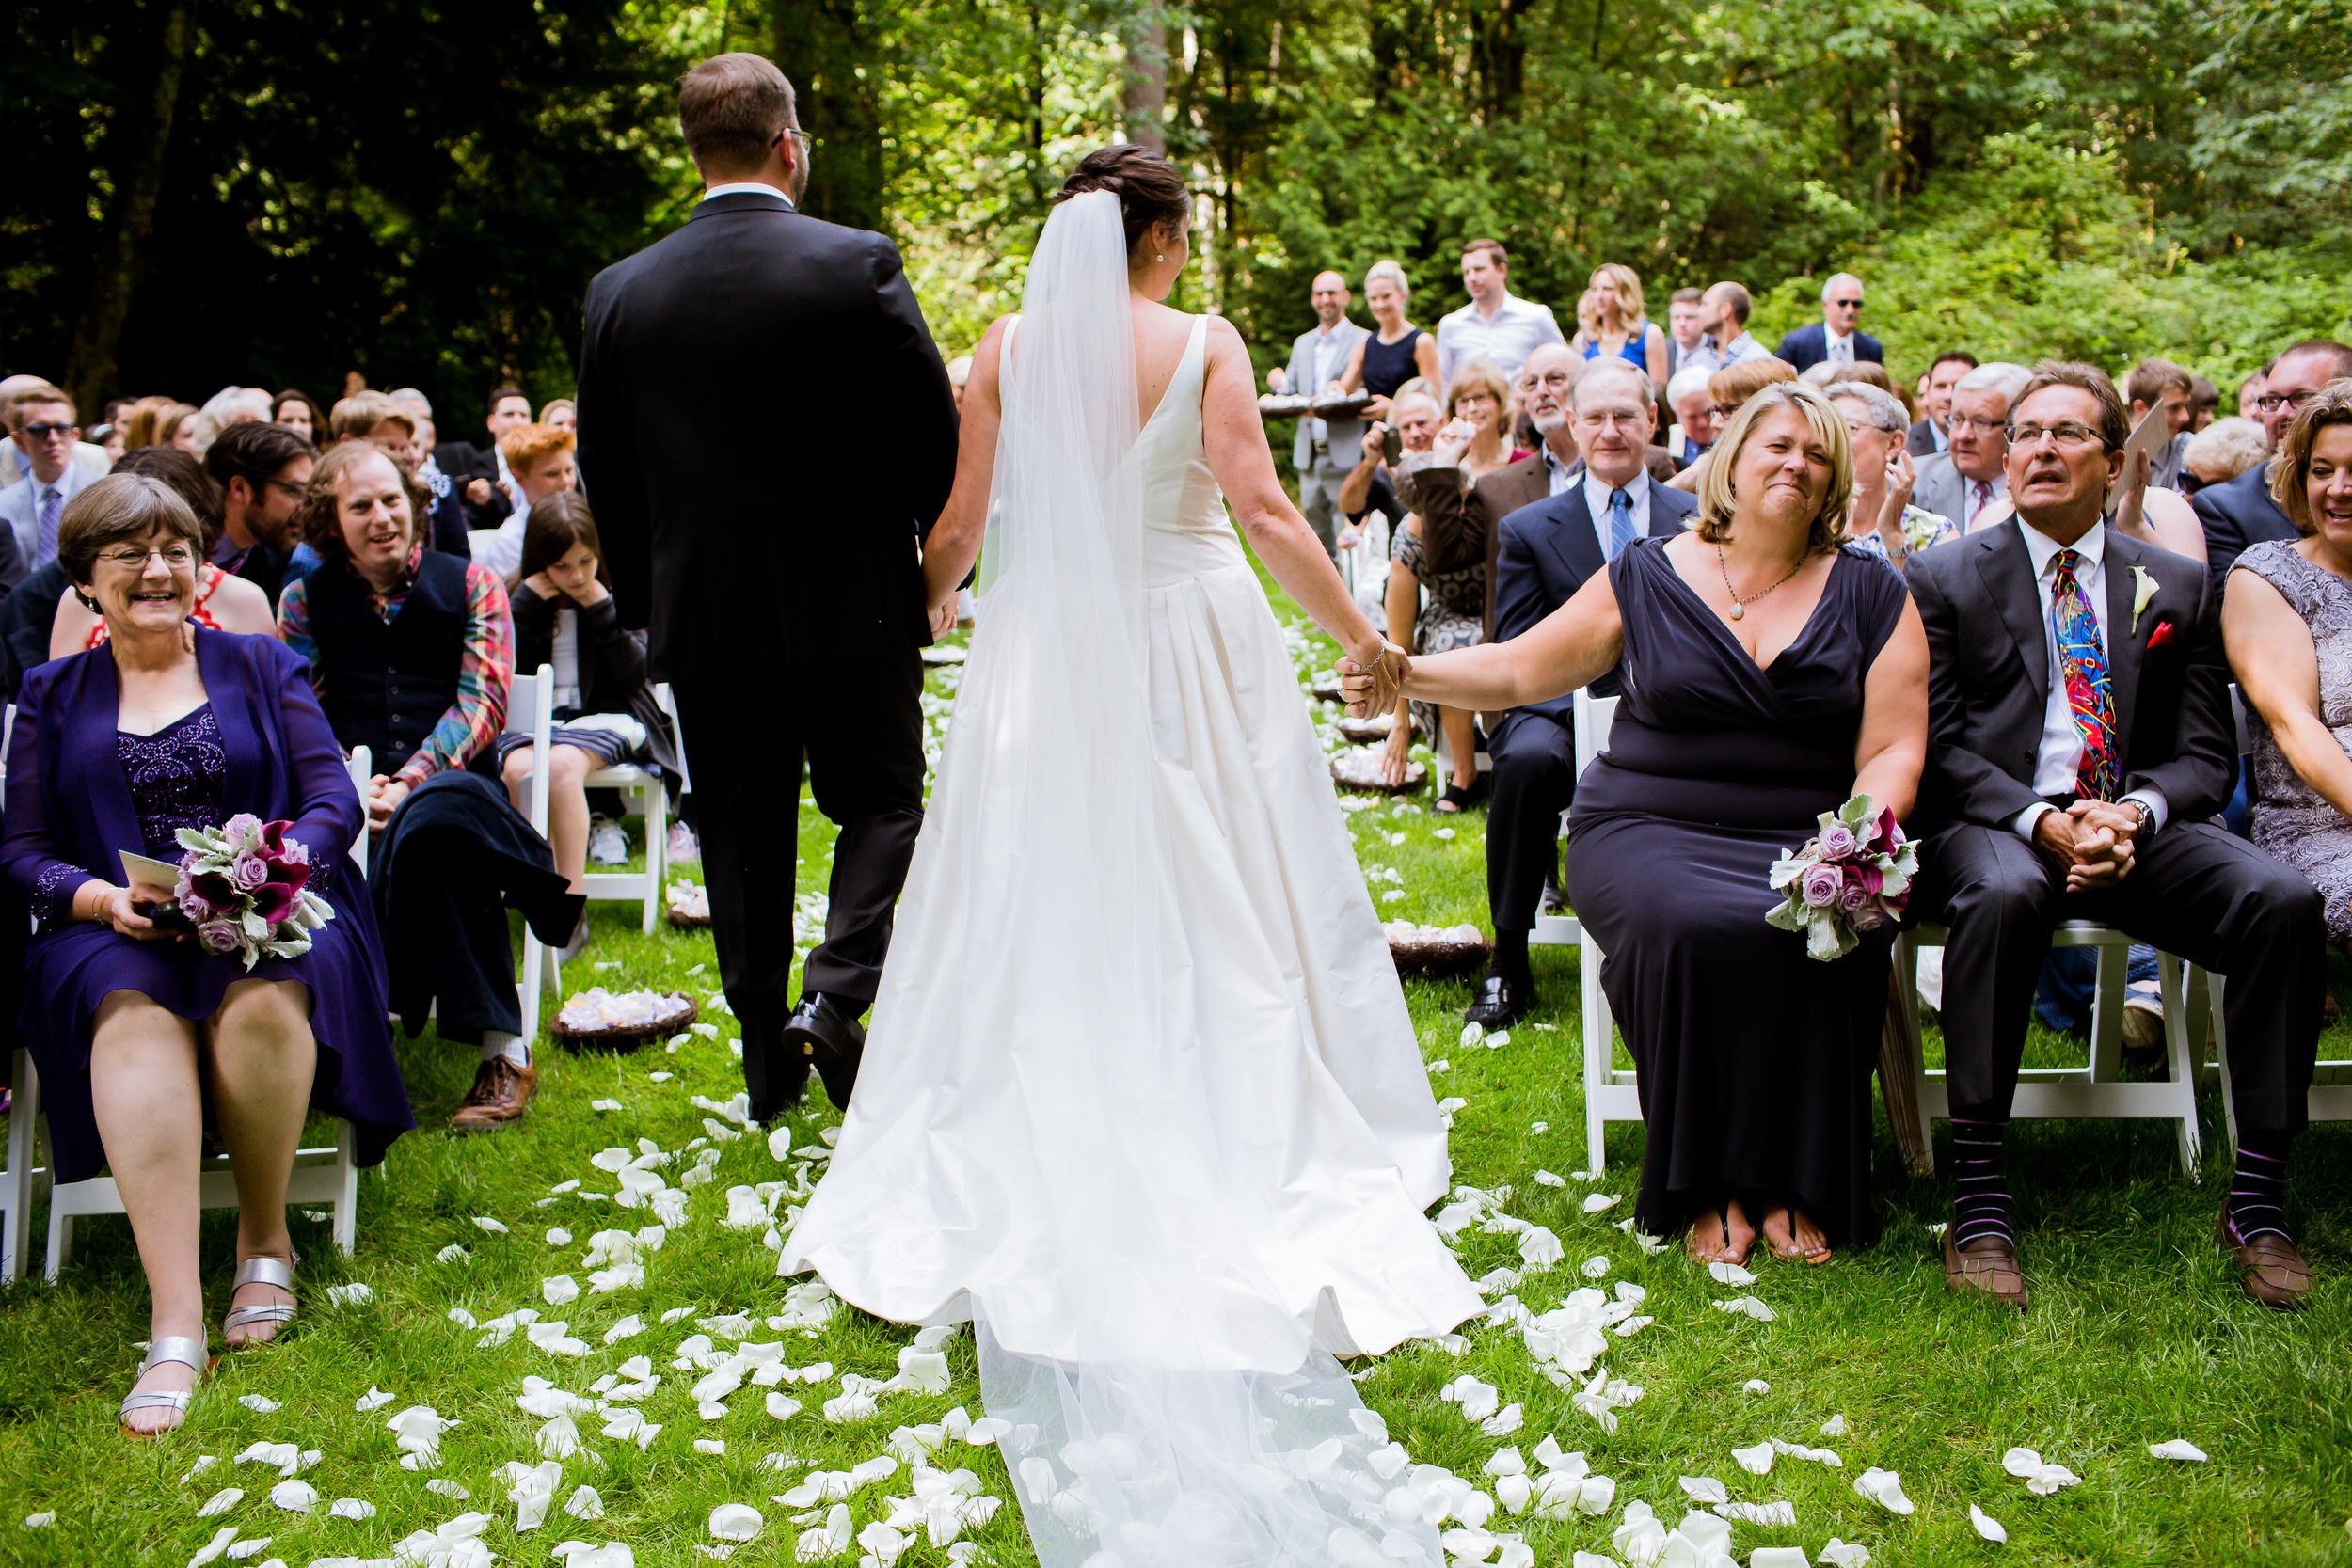 Islandwood_Retreat_Bambridge_Island_Washington_Wedding_037